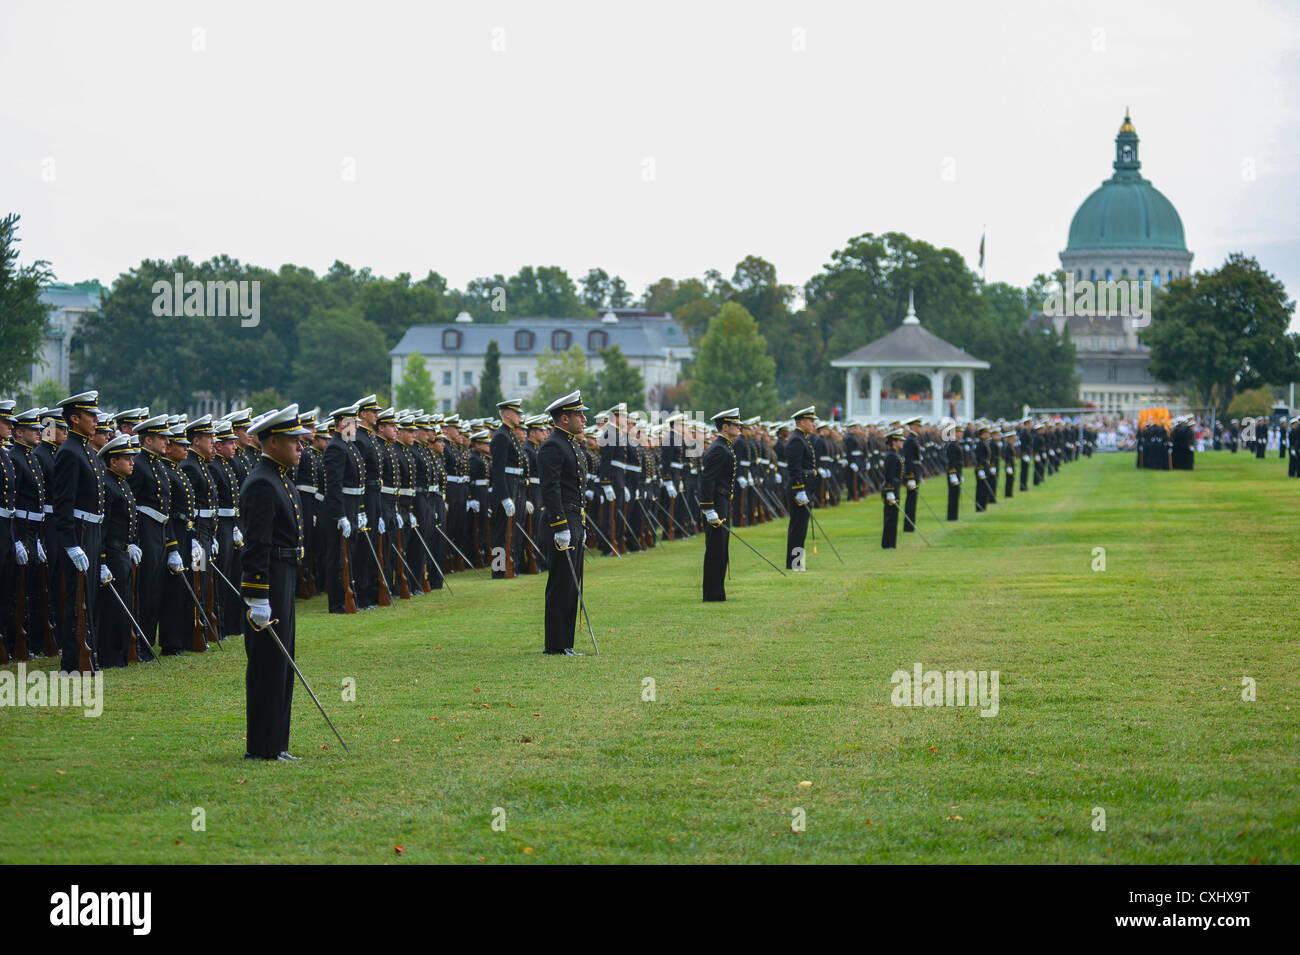 La brigade des aspirants de l'assemblage par l'entreprise pour le chef des opérations navales adm. Photo Stock